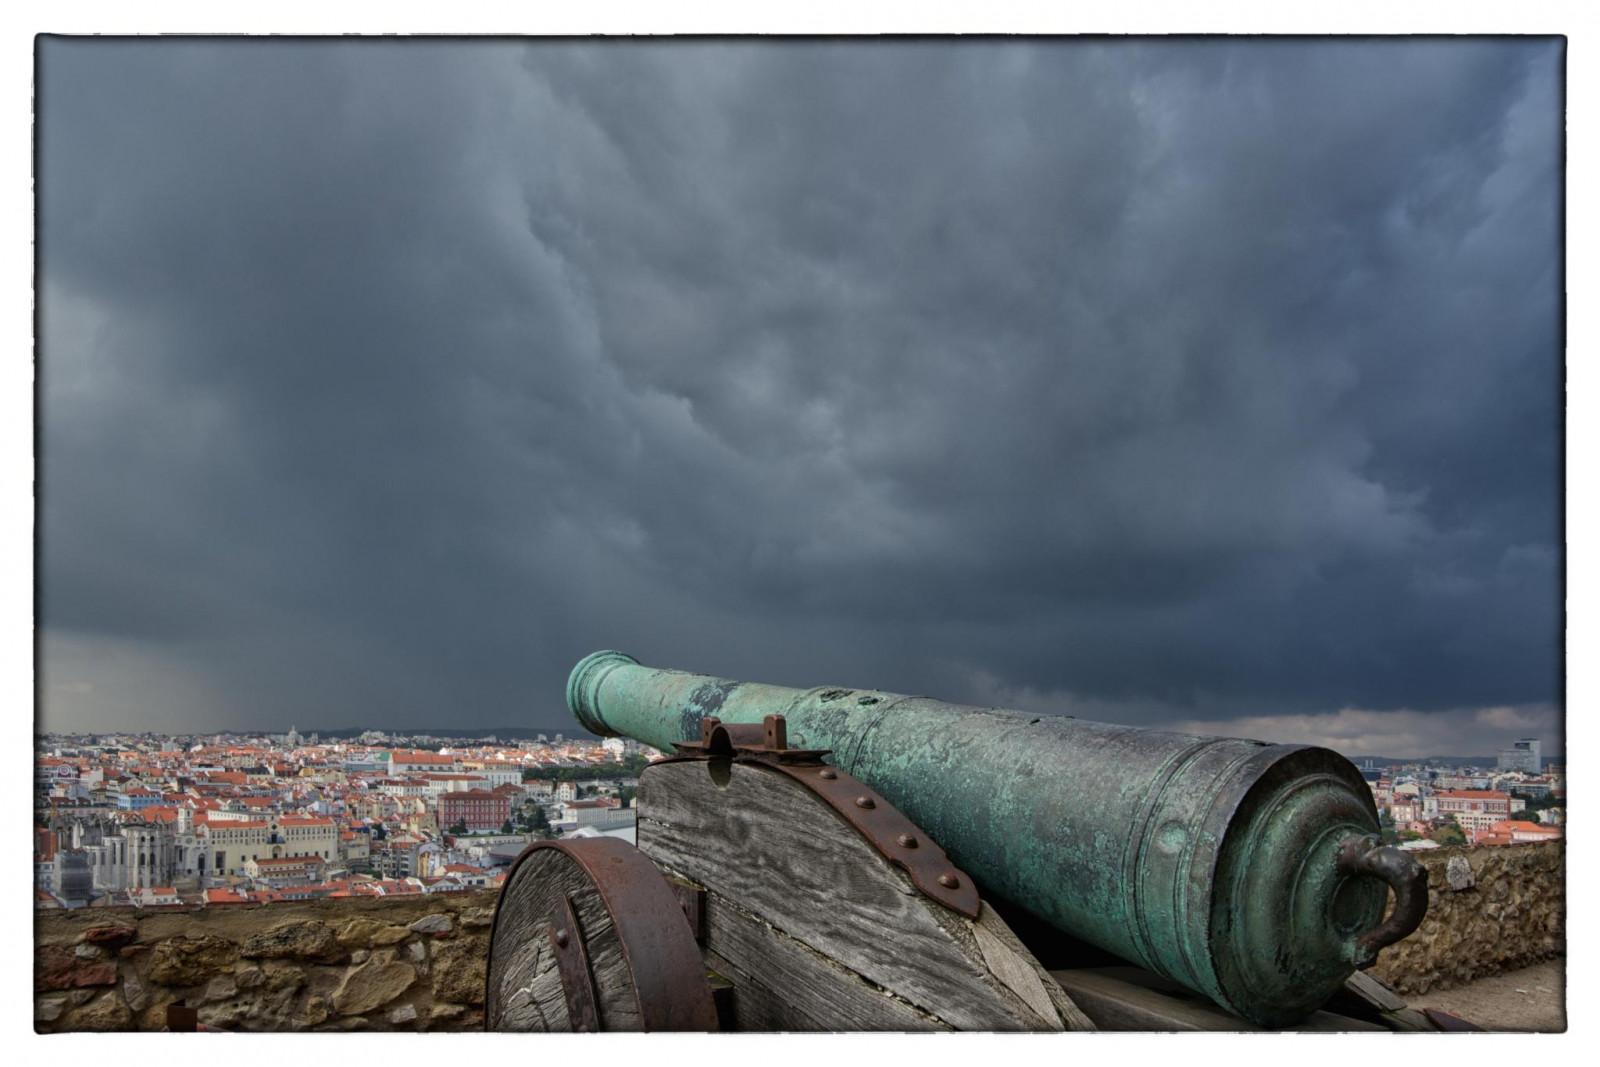 Fondos de pantalla : paisaje, ciudad, urbano, cielo, fumar, castillo ...